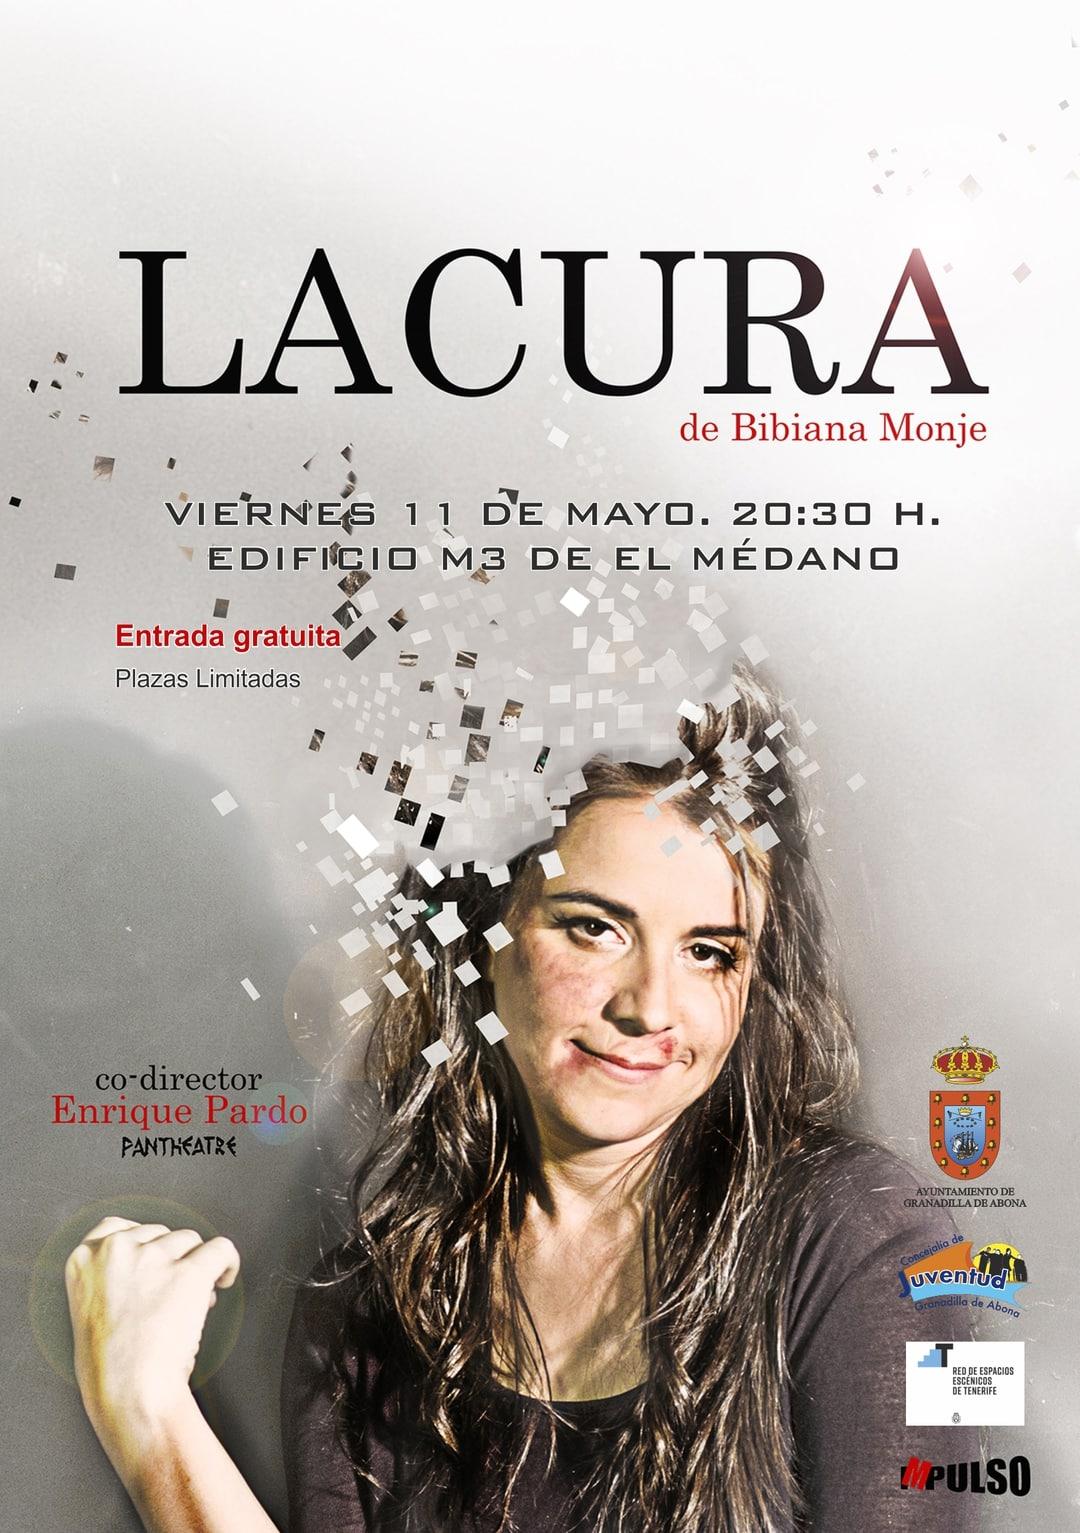 La obra de teatro 'LACURA' de Bibiana Monje, este viernes en El Médano